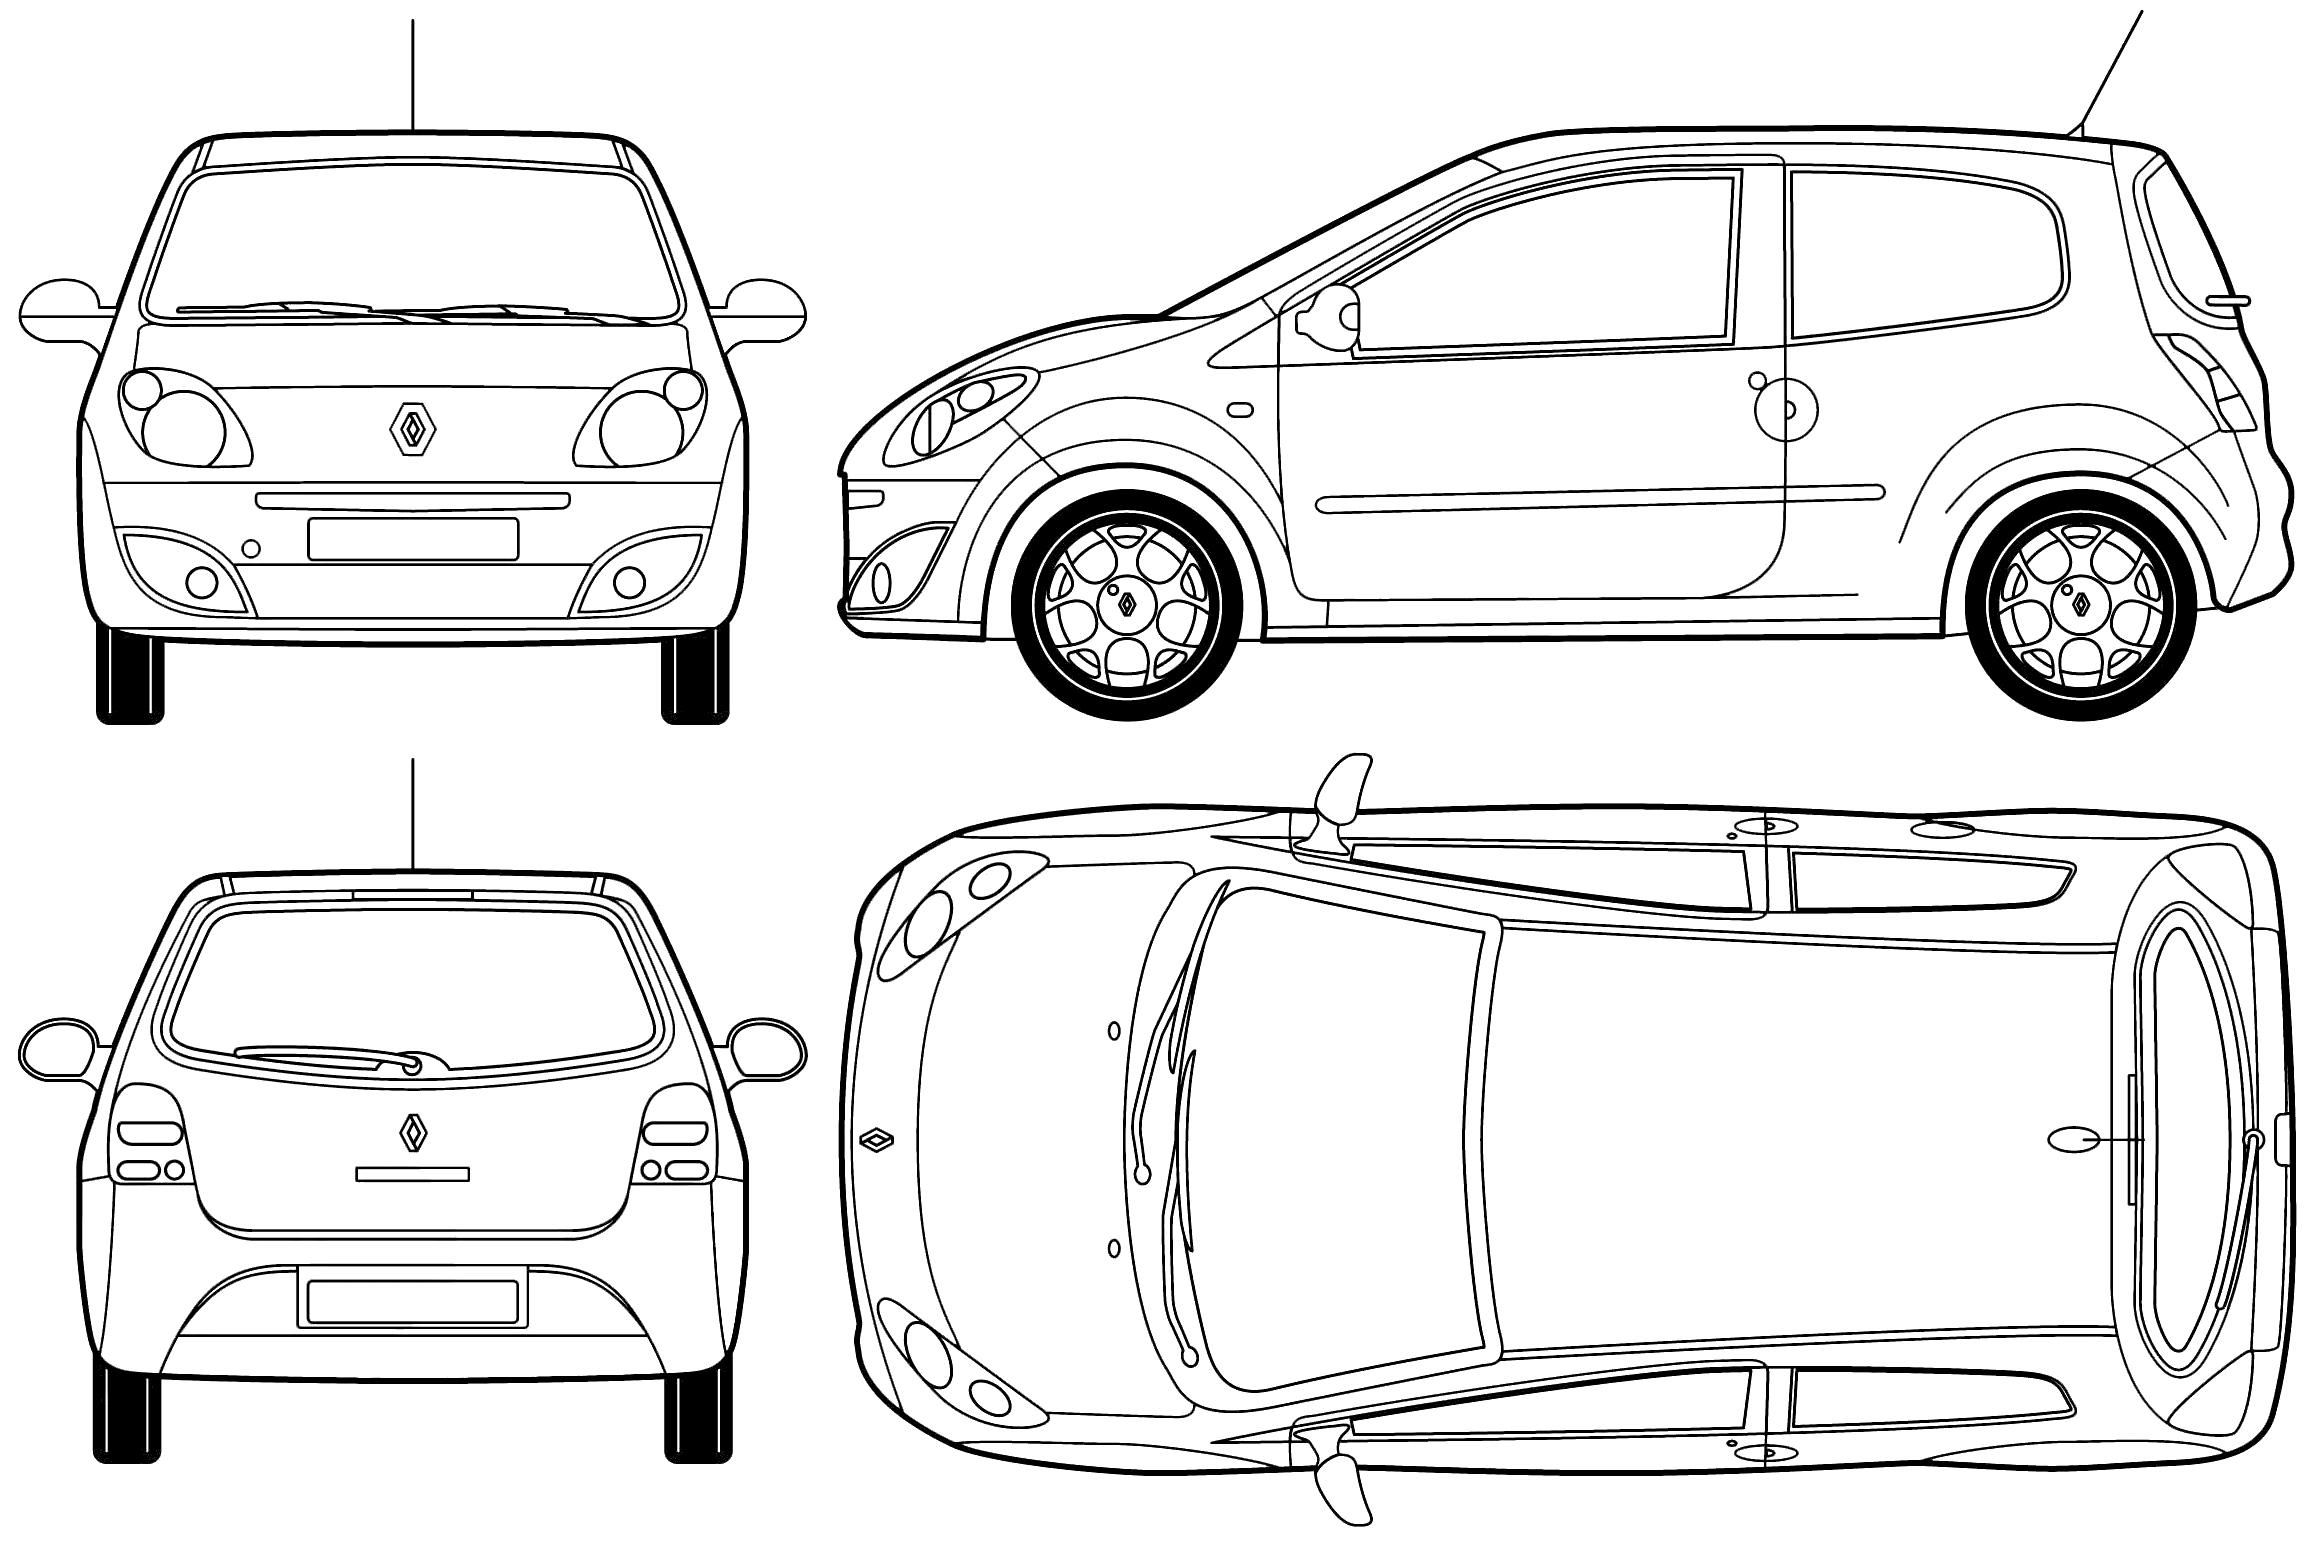 Renault Twingo blueprint